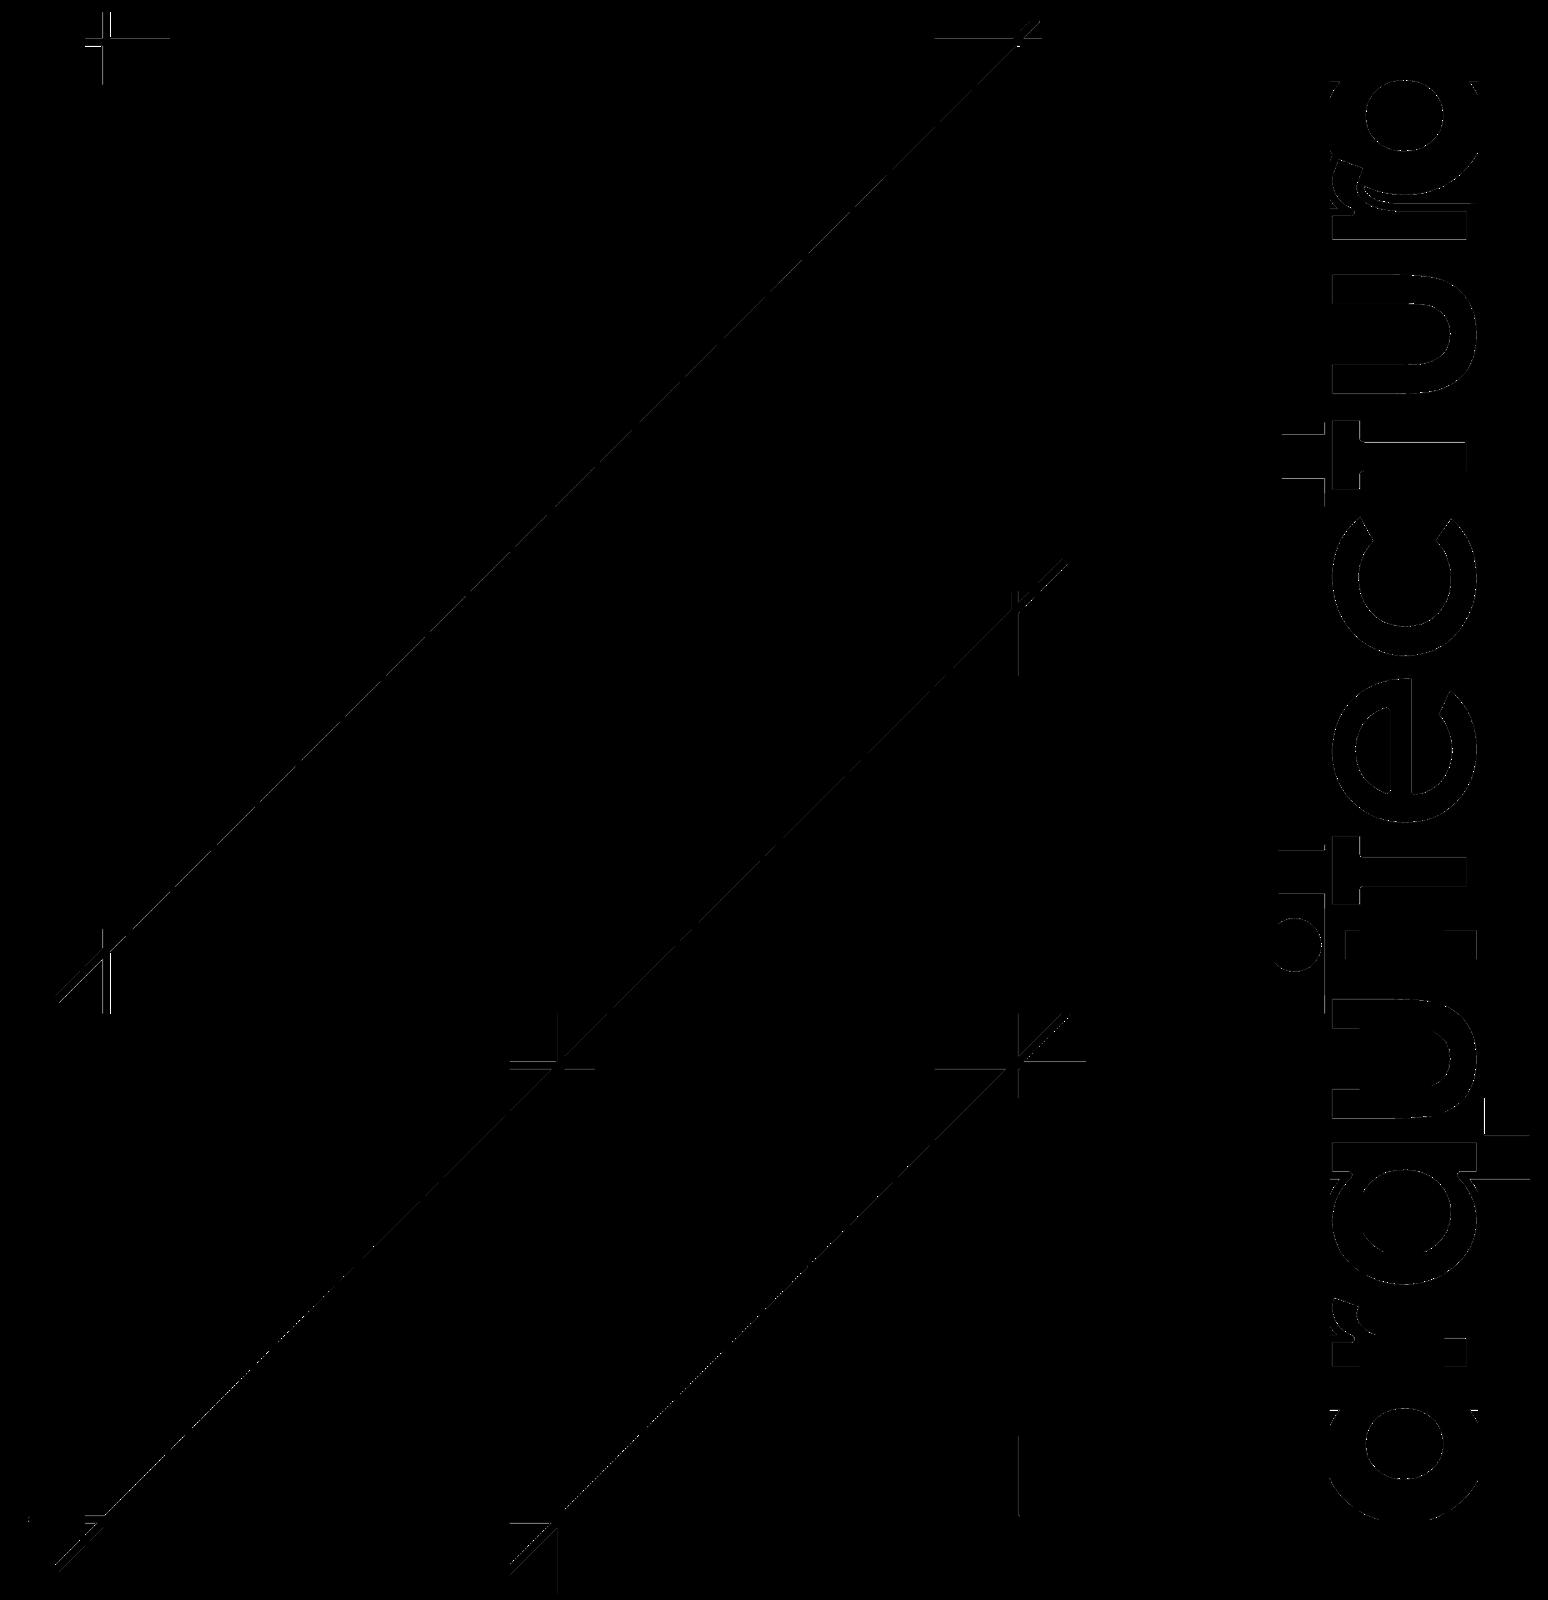 SPS further Autocad Duvidas De Alunos in addition Escudo Usac Y Facultad De Arquitectura moreover Mathcad besides Nuevo Mini Cooper En Alzado Lateral Y Frontal. on logo dwg